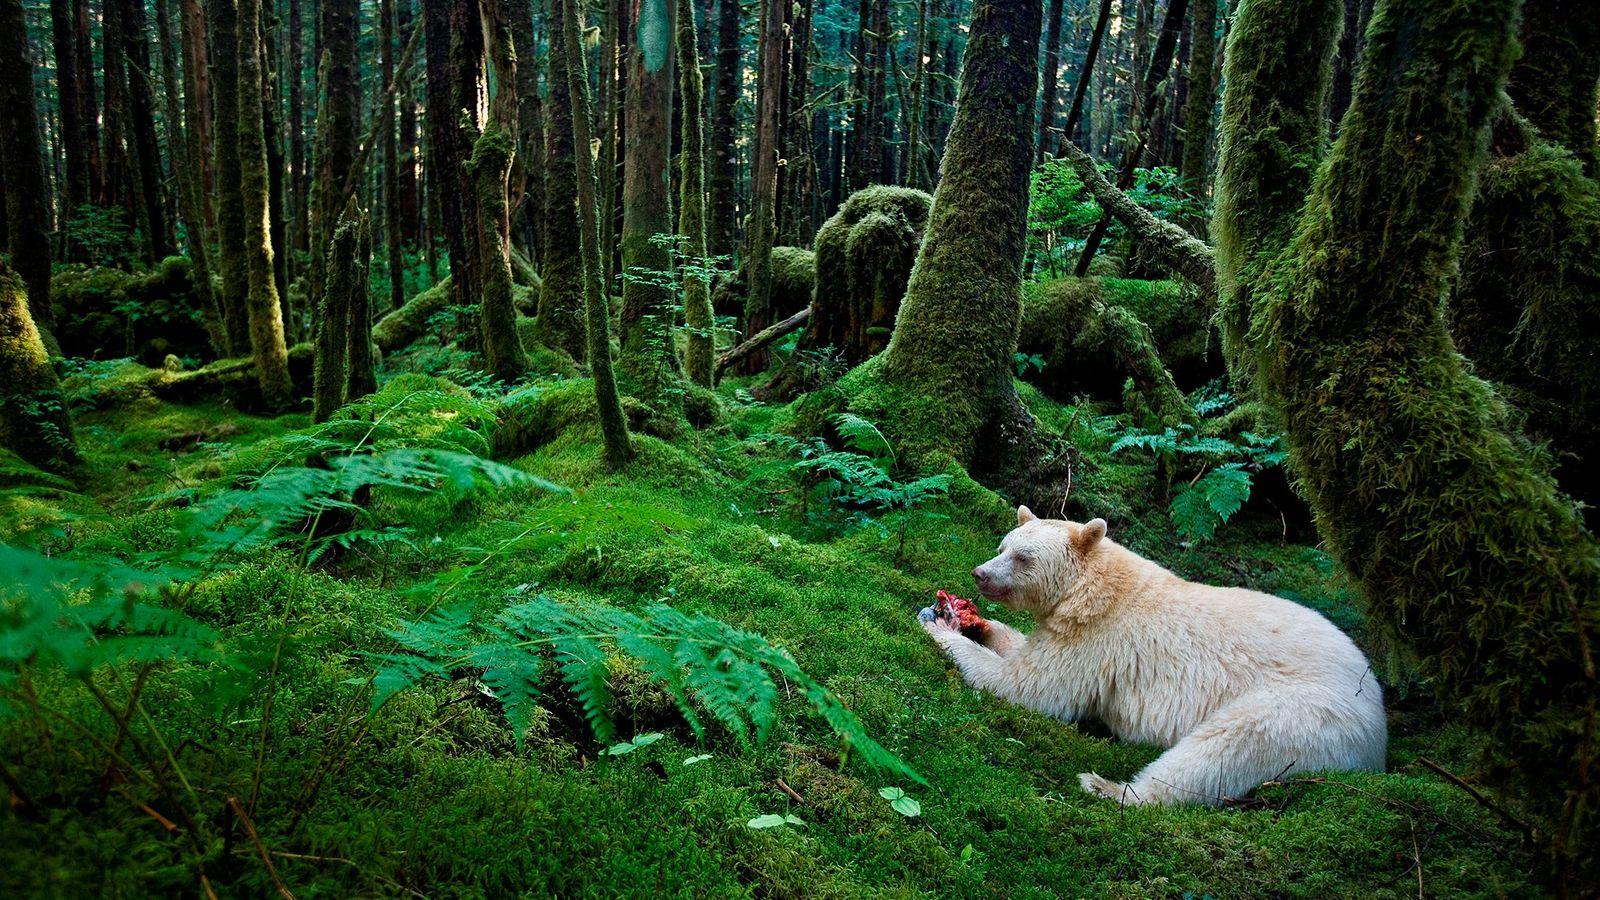 Ein Kermodebär frisst auf dem bemoosten Boden des Regenwalds einen Fisch. Die Kitasoo/Xai'Xais Nation hat darum ...